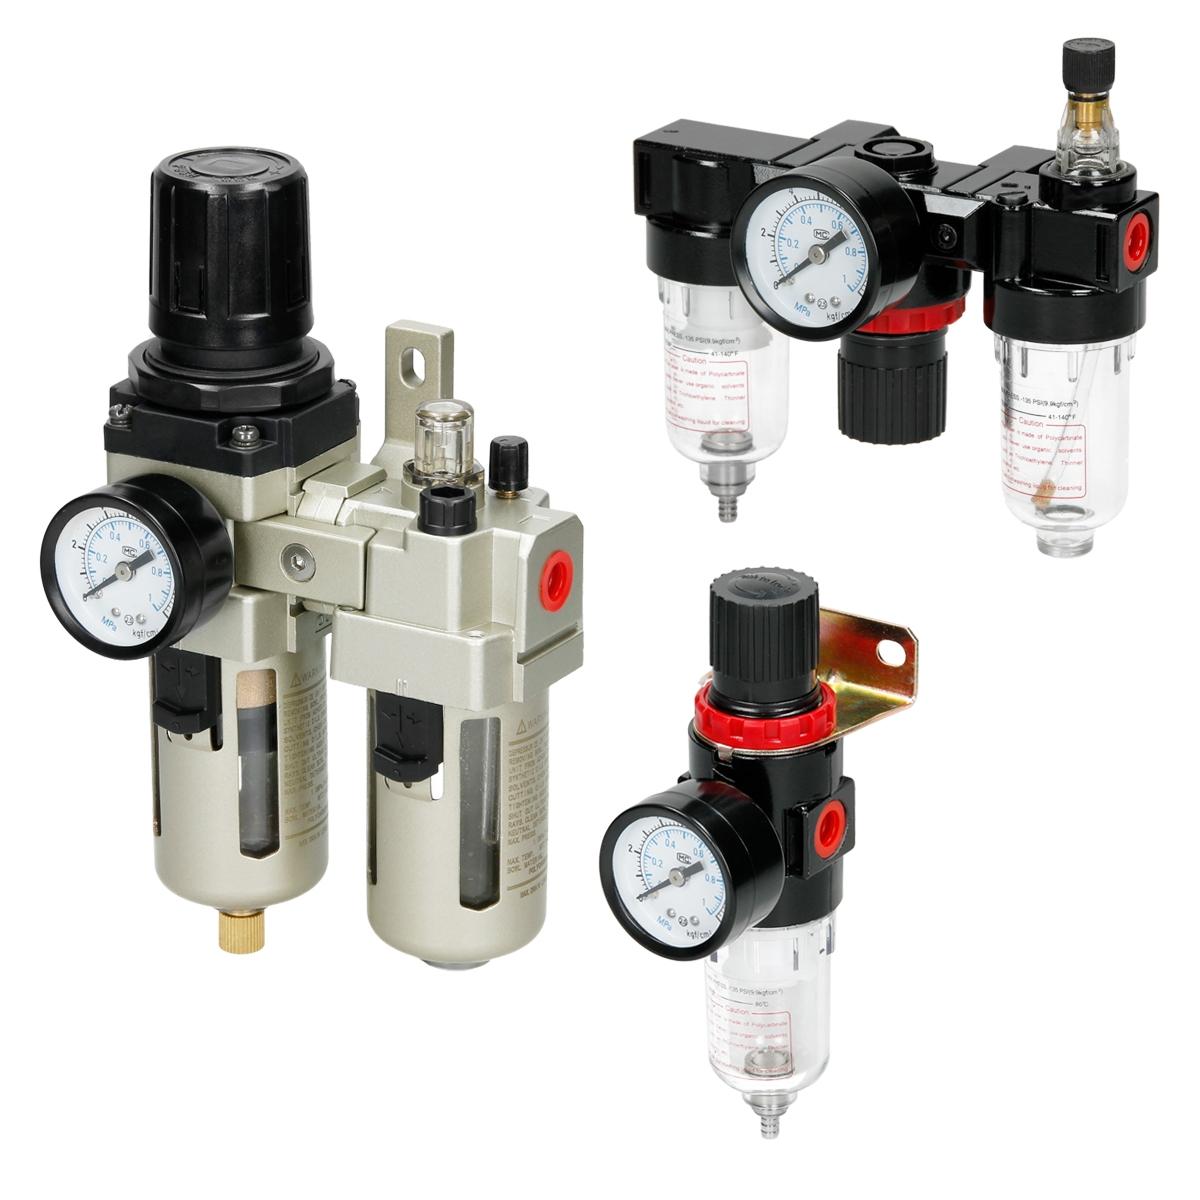 Druckluft Wartungseinheit-Druckminderer Wasserabscheider Öler Filter Kompressor